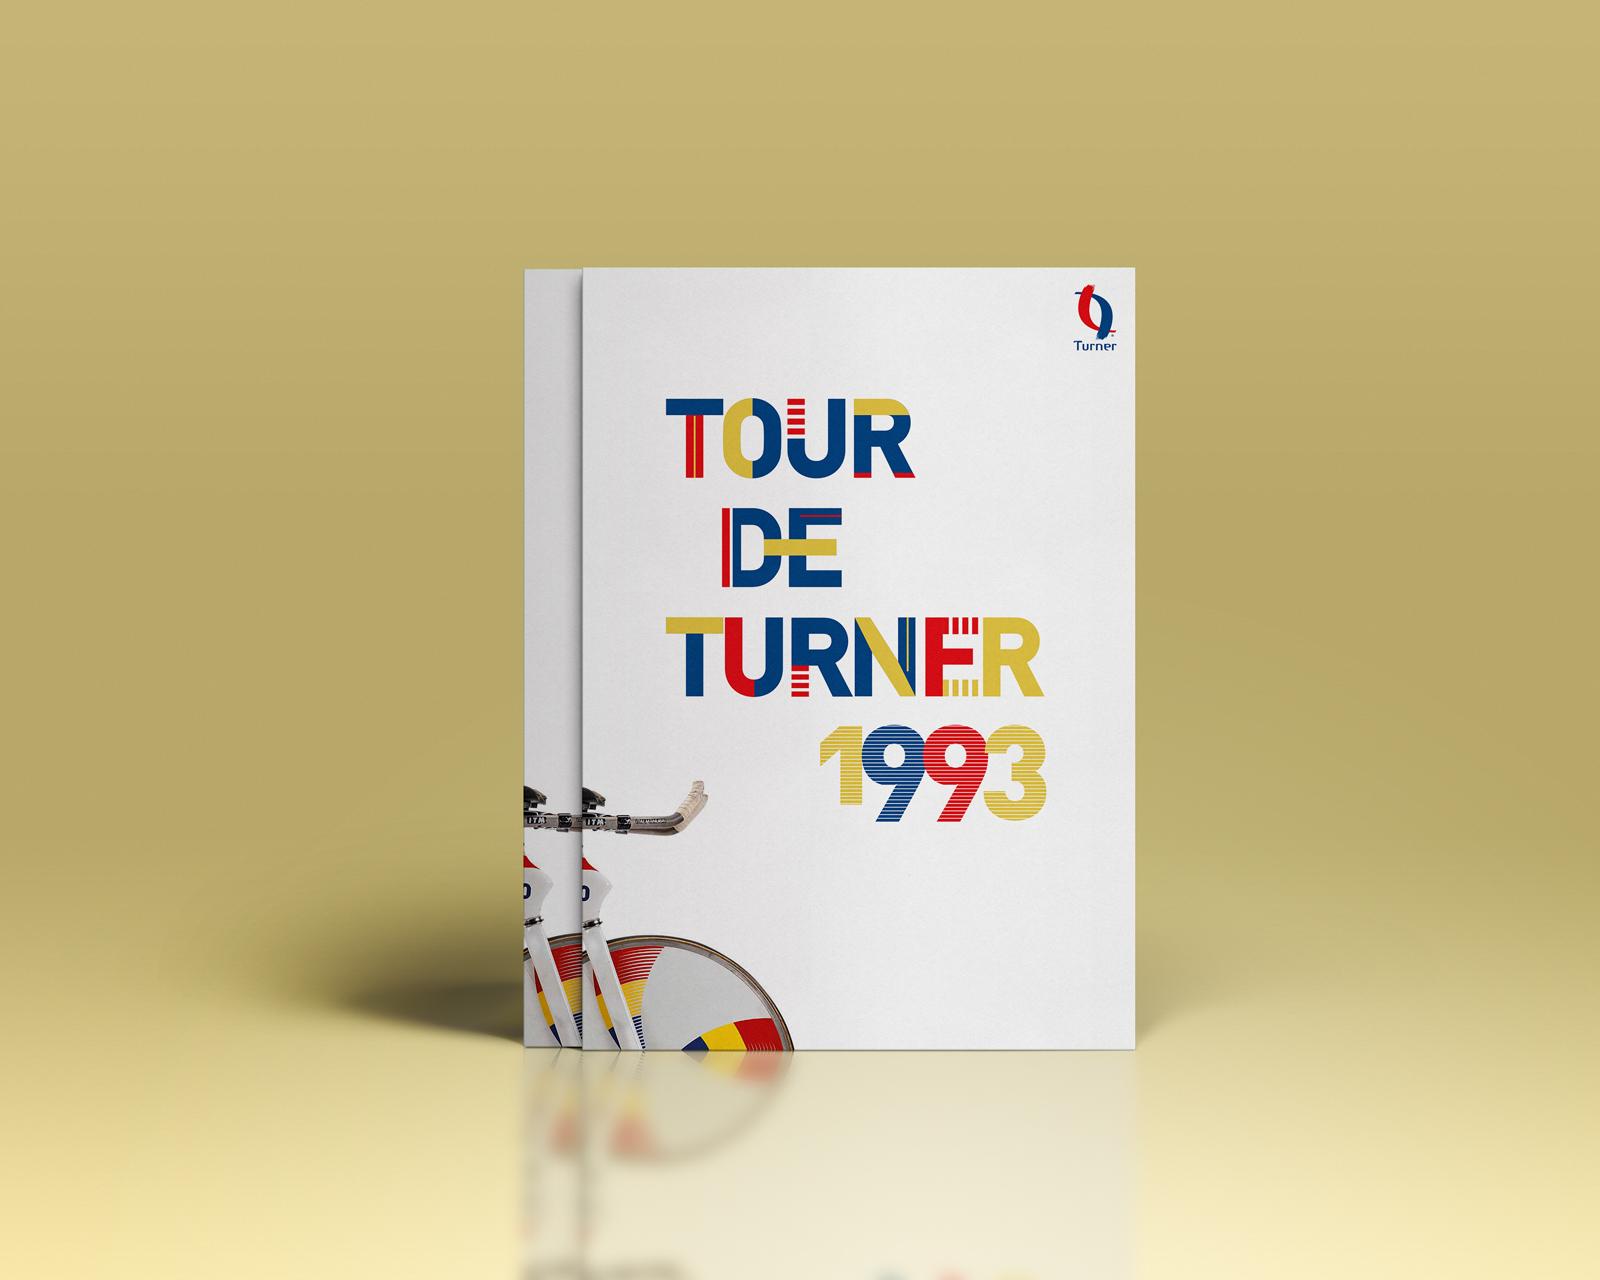 Beeldmarq - Grafische vormgeving & communicatie |Tour de Turner